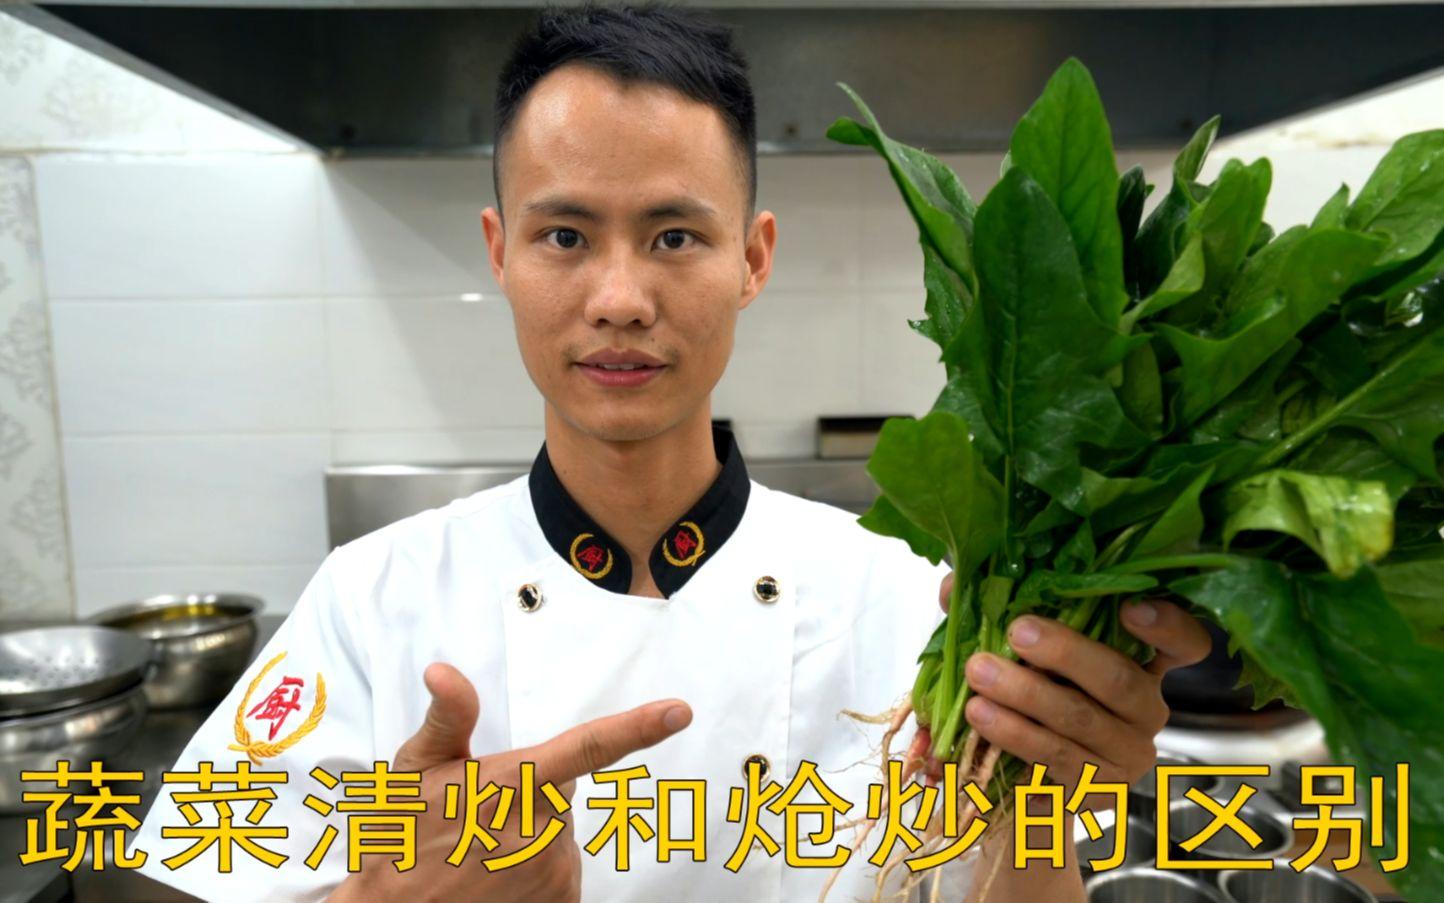 """厨师长疑难解答:青菜""""炝炒跟清炒""""的区别,家庭硬核小技巧"""